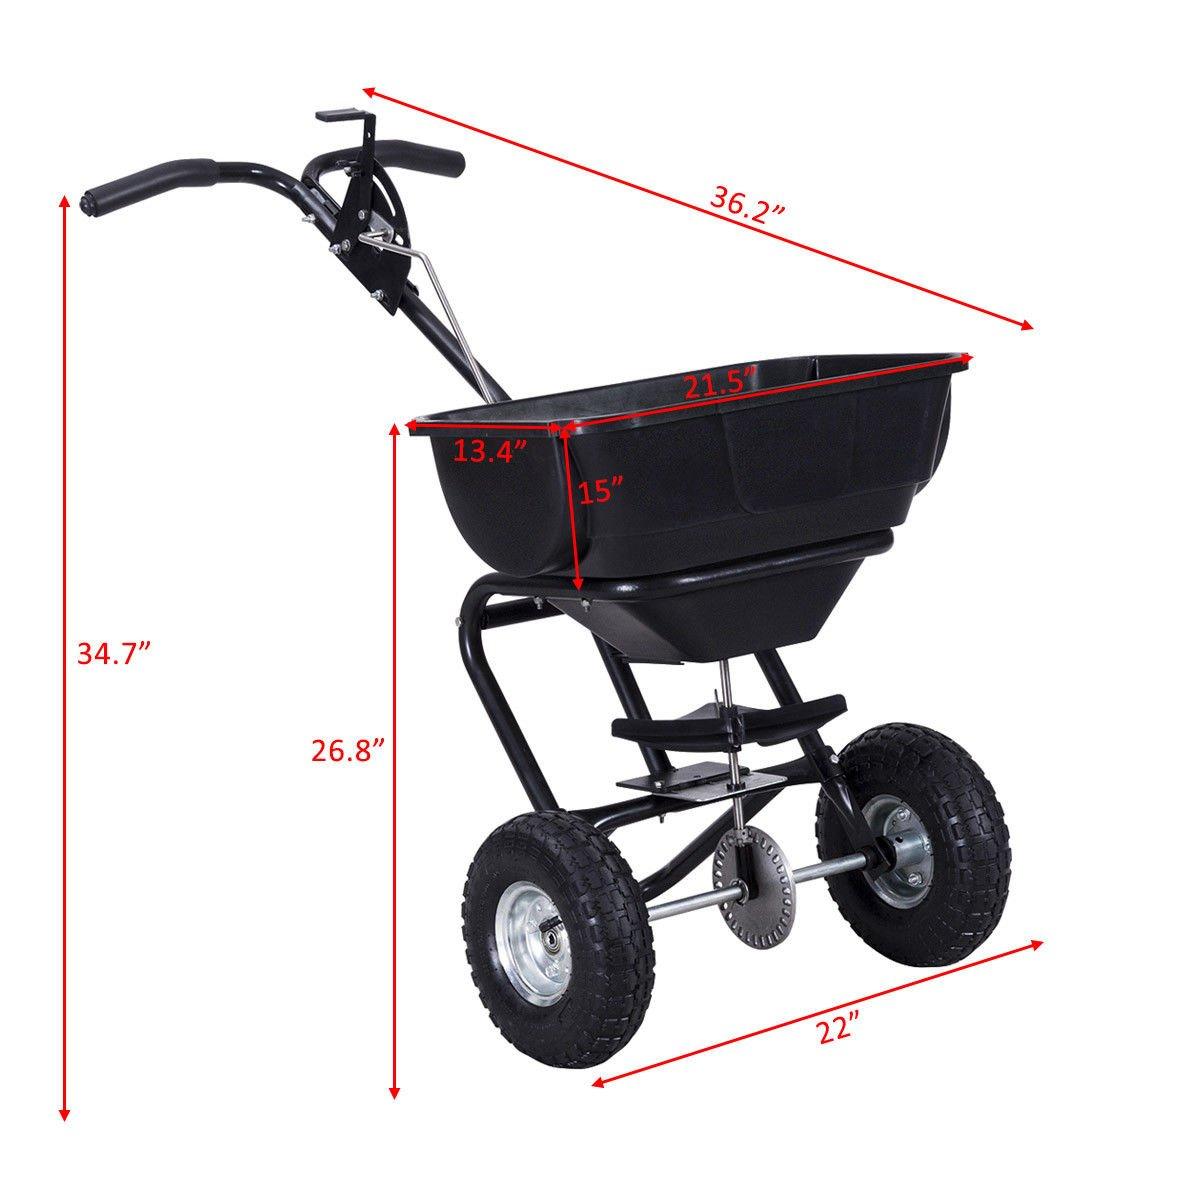 Broadcast Spreader Fertilizer Cart Builder Garden Seeder Push Walk Behind Black